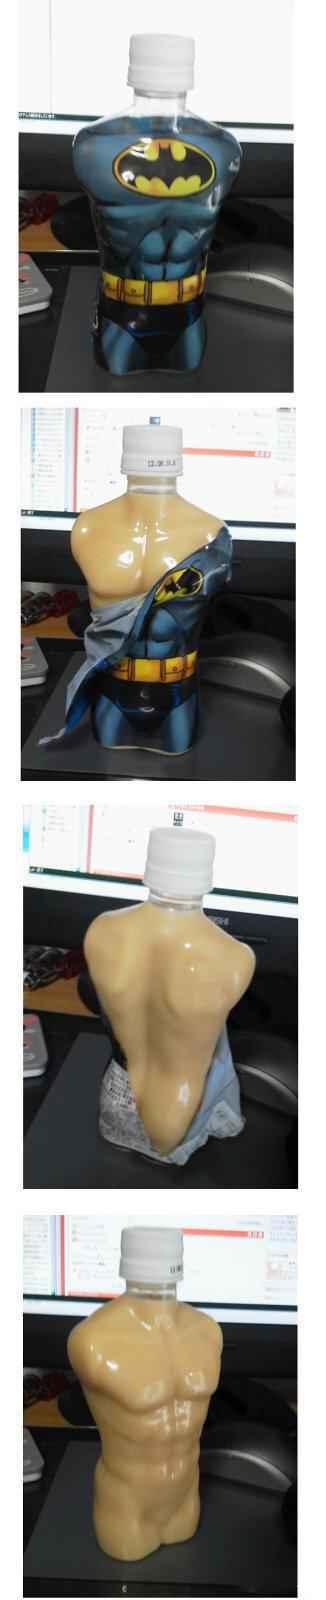 蝙蝠侠!!这瓶子实在是。。。好像少了点什么。。。喂。。。